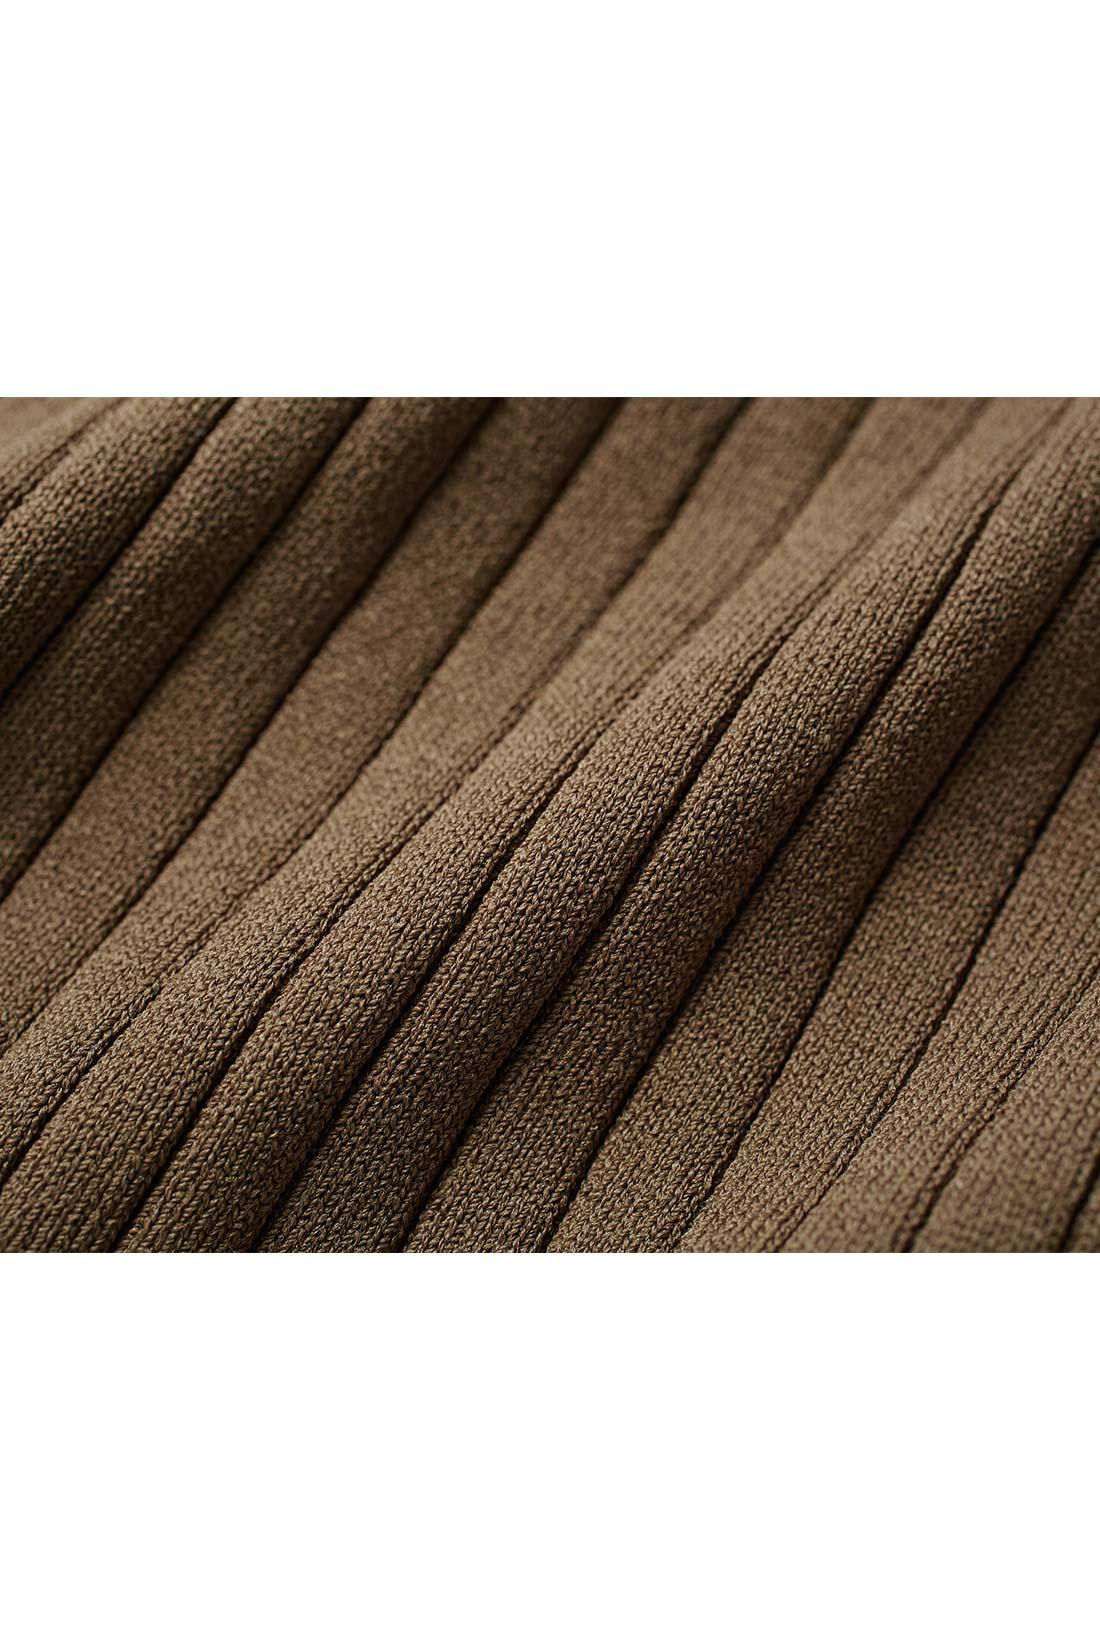 シャリ感がさわやかなナイロン混素材は表面感がきれいで、毛玉ができにくいのも魅力。